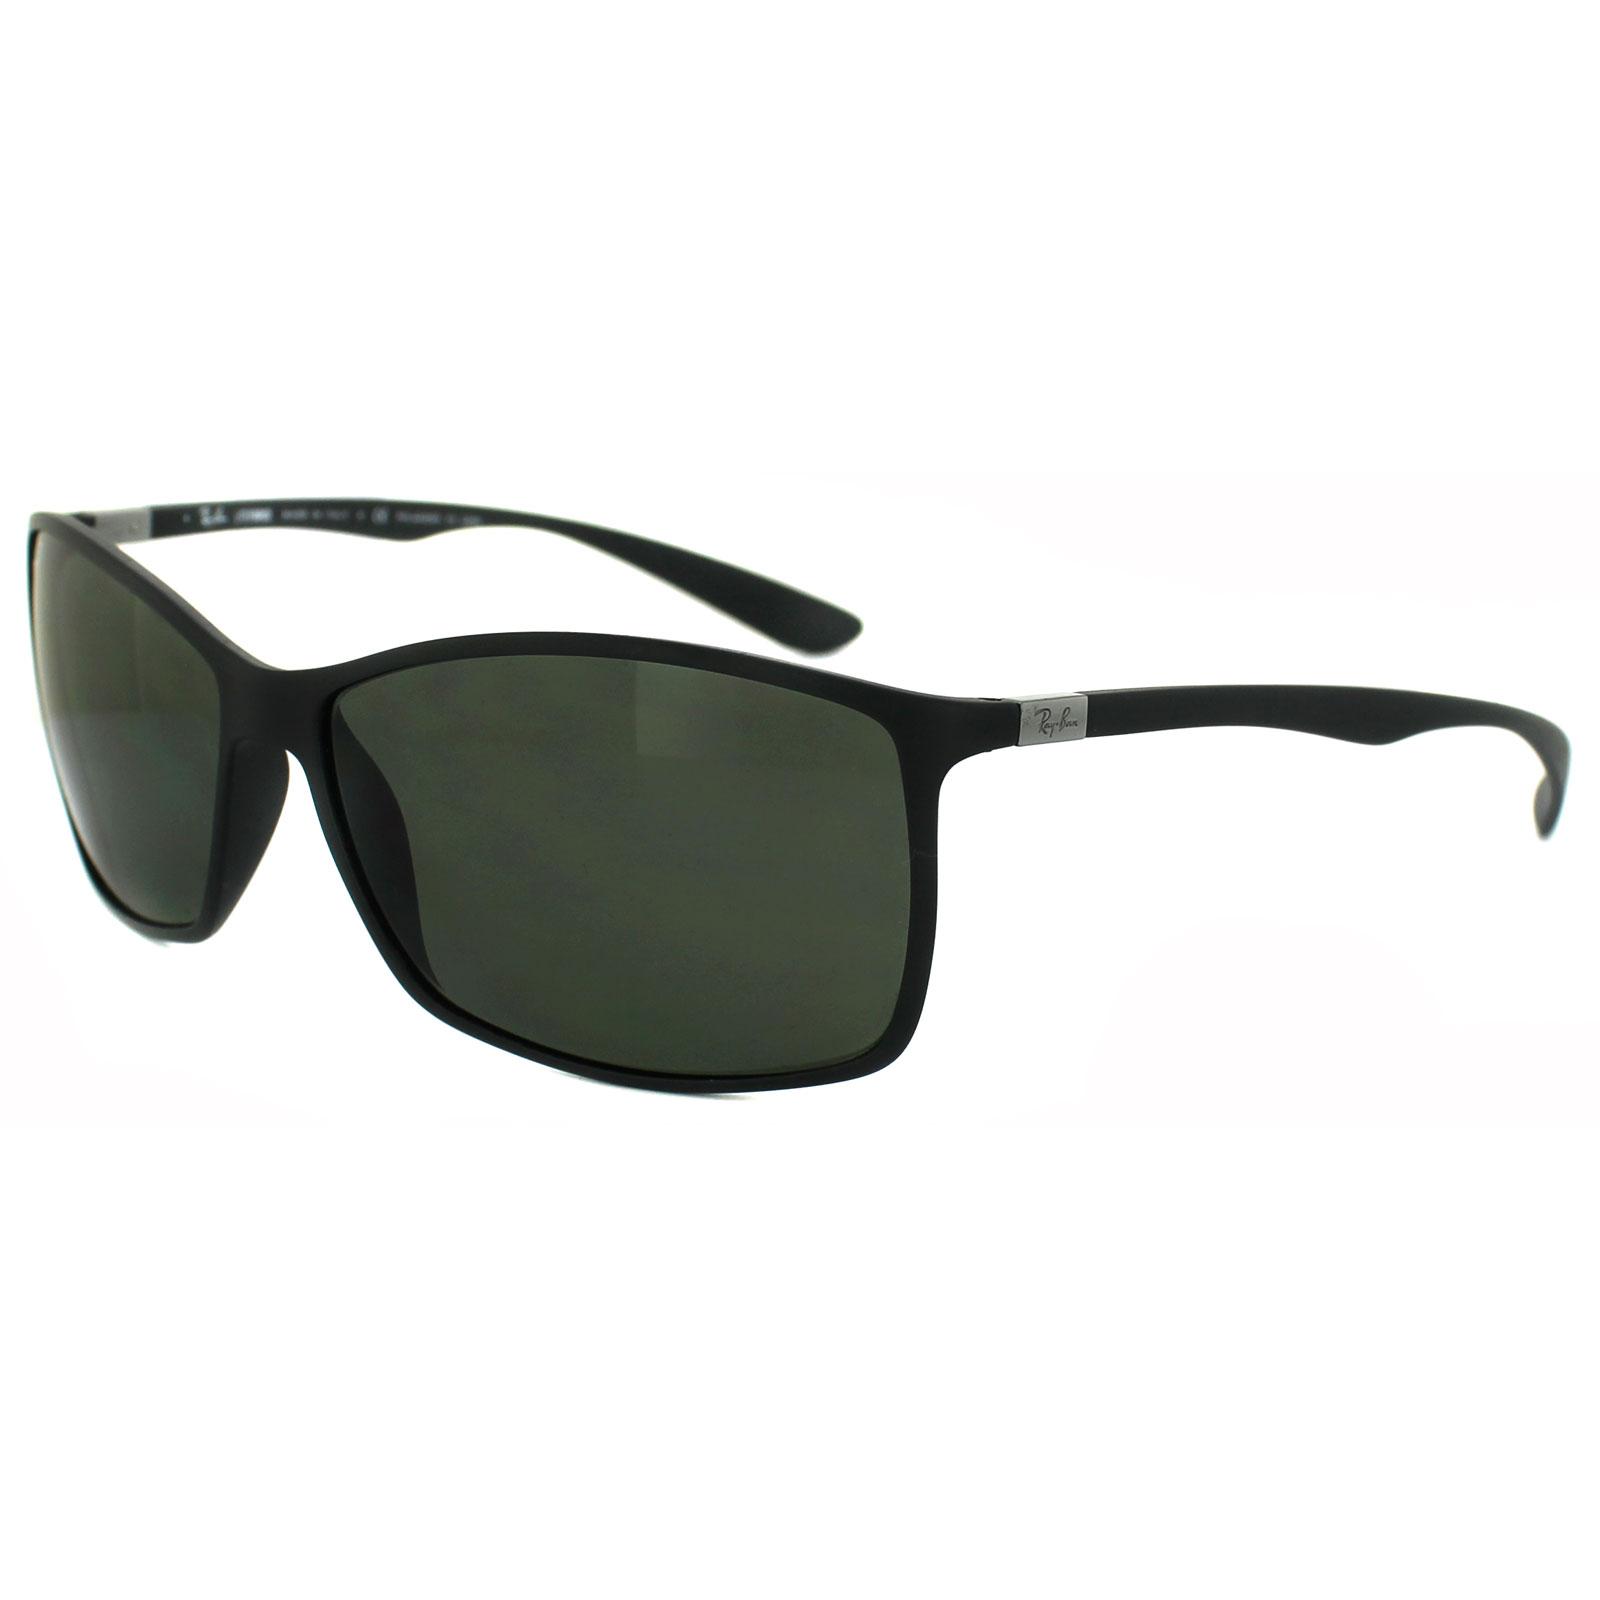 f2b5819f65 Sentinel RayBan Sunglasses 4179 601S9A Matt Black Polarized Green